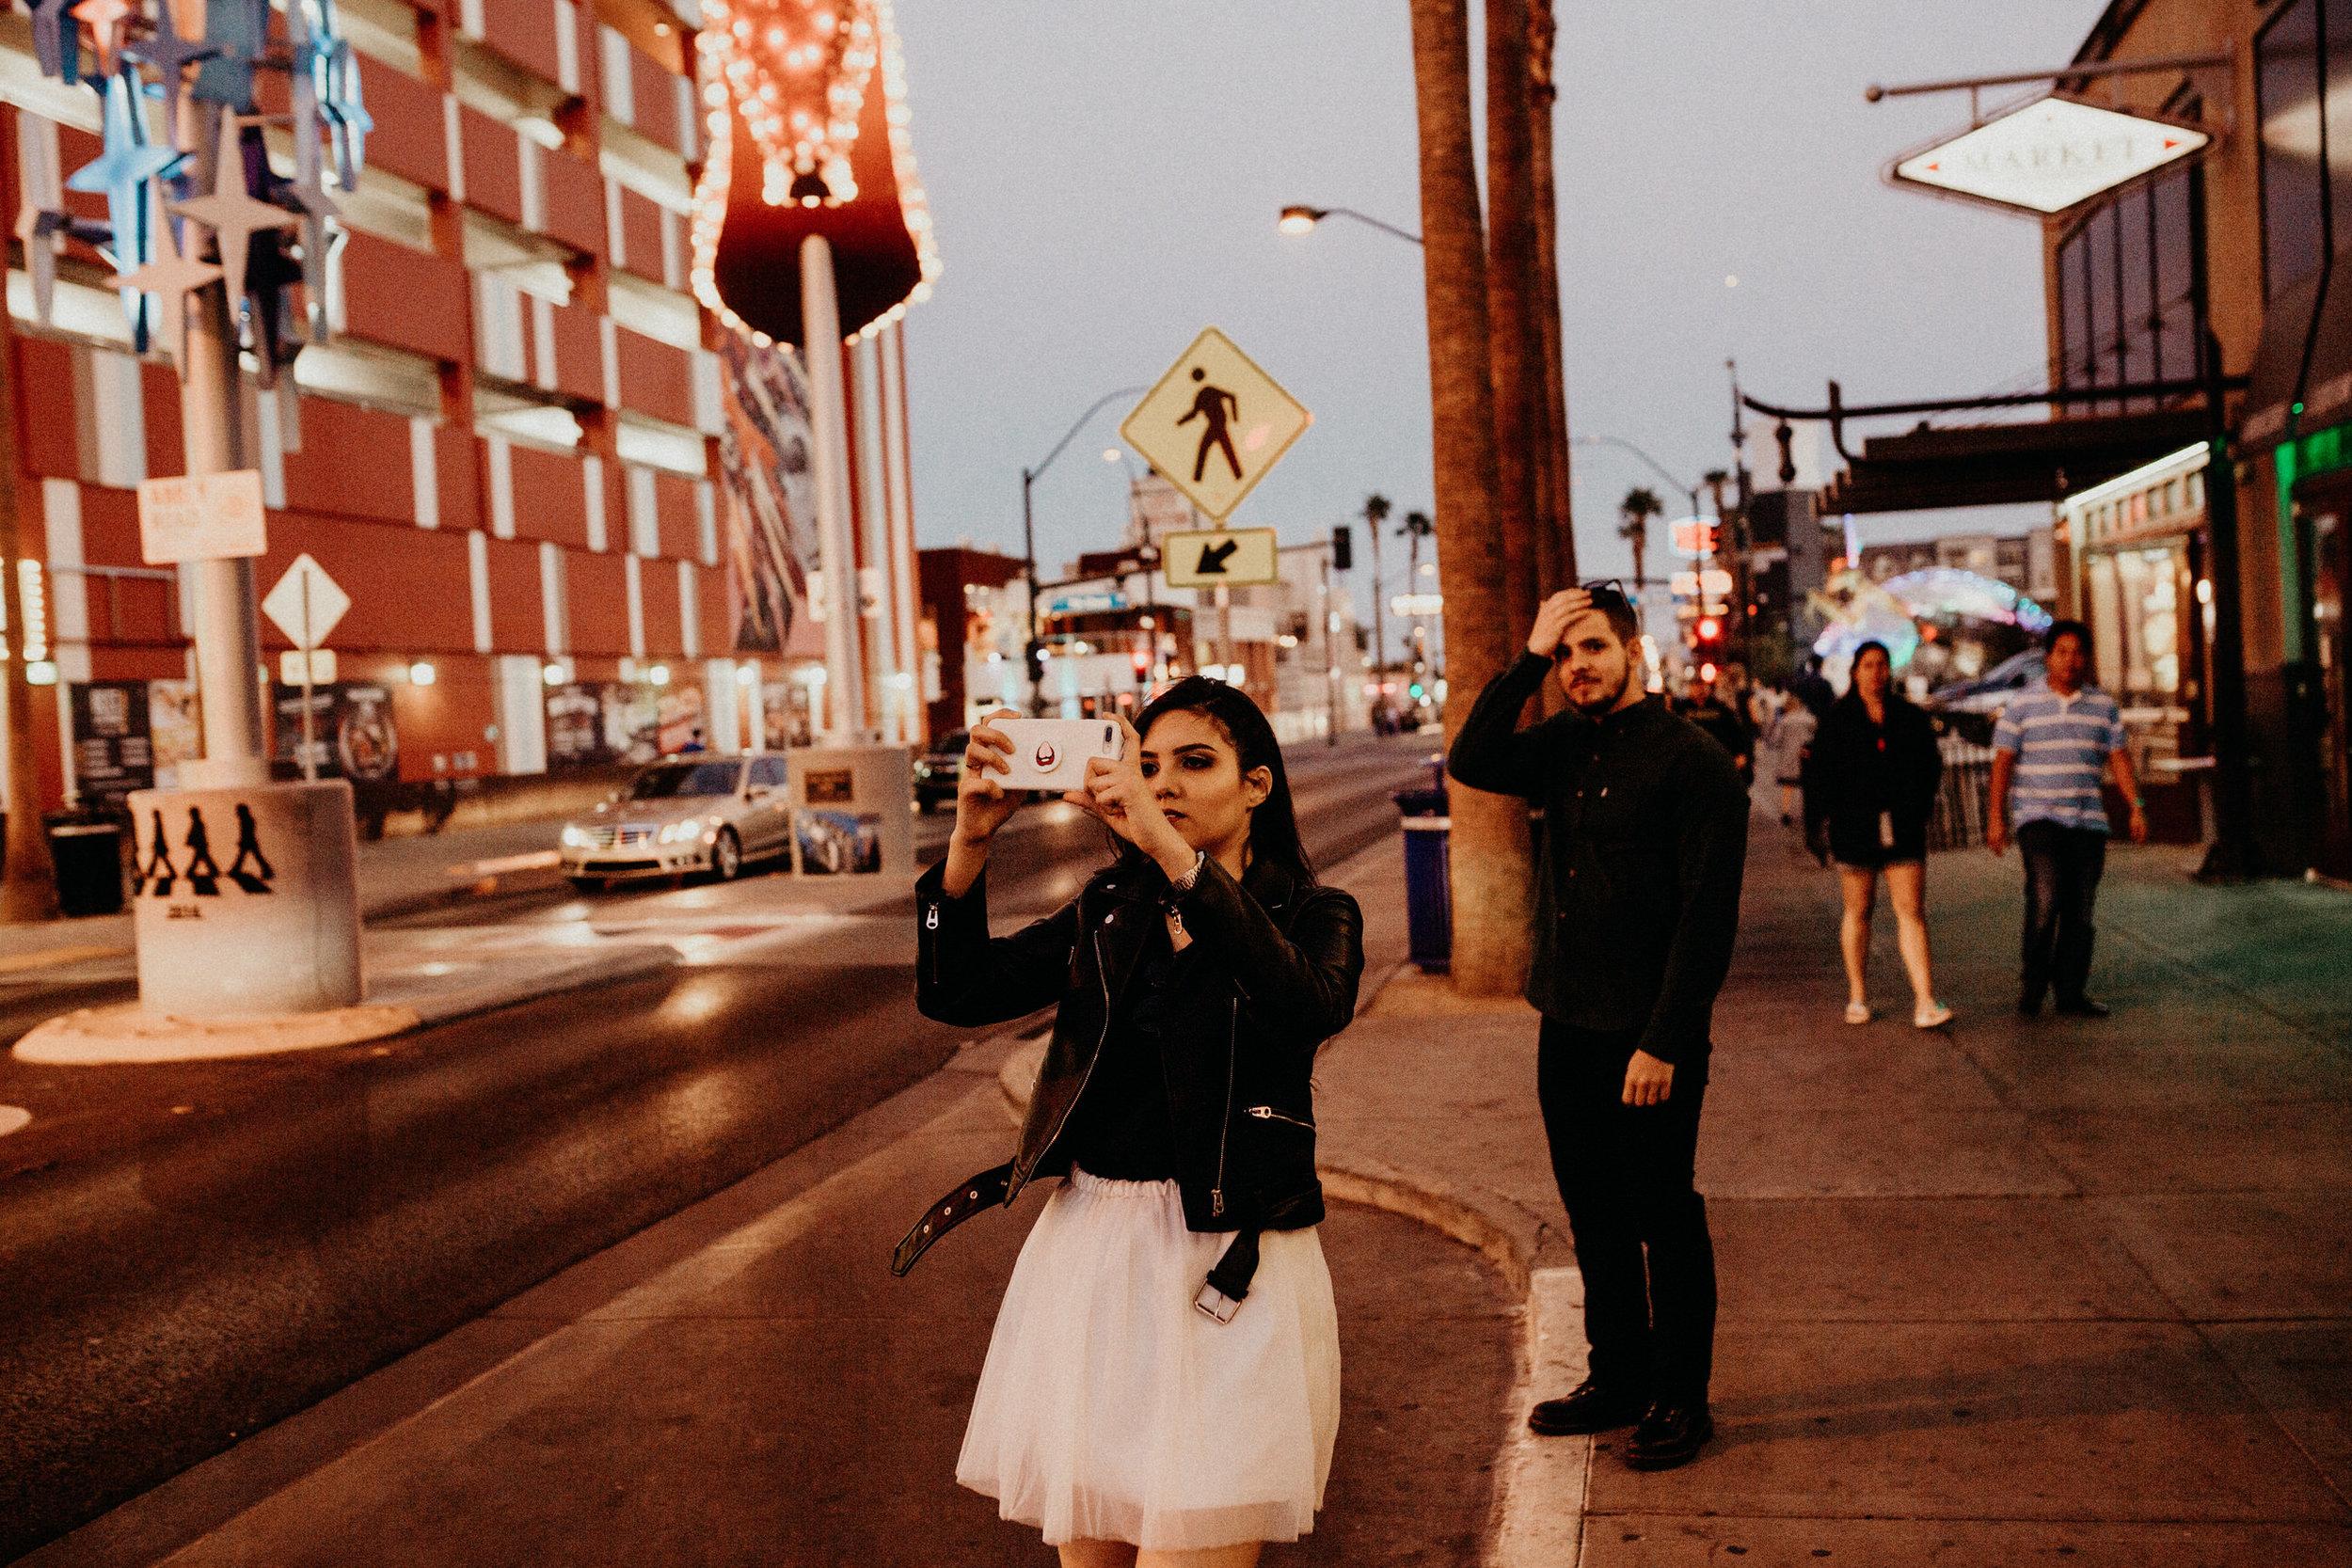 Fotografo para casamento em goiania casamento em las vegas Elopement Wedding em las vegas casamento em goiania107.jpg